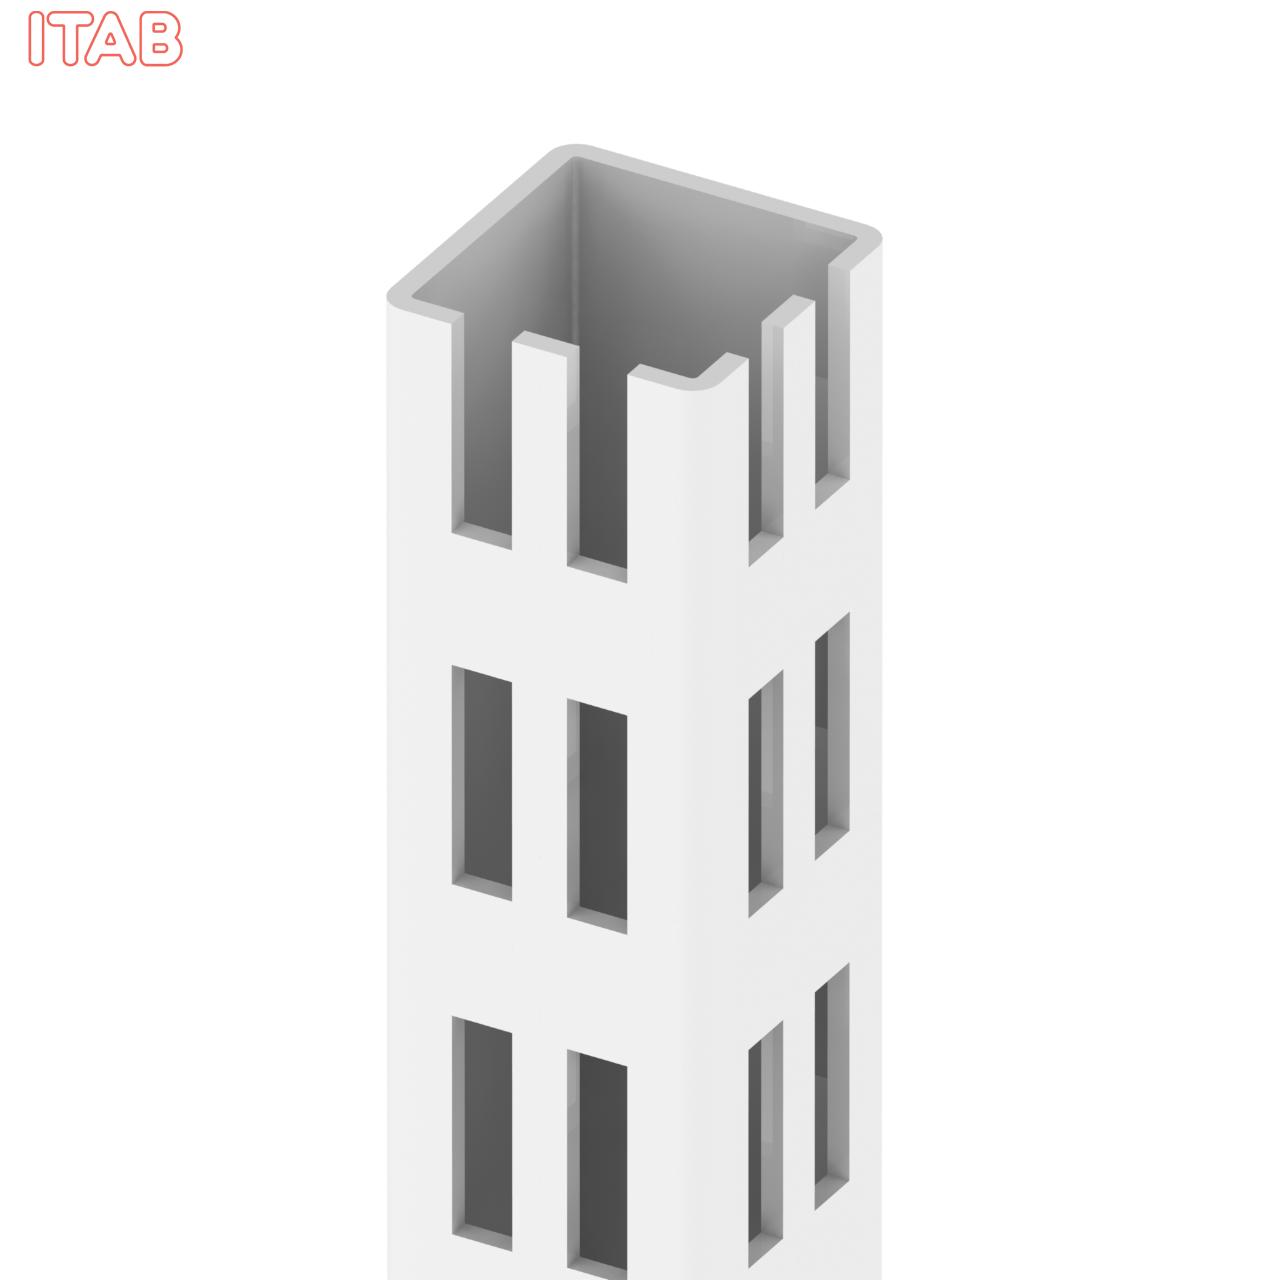 Kulmasäätöputki + Tallat 30x30x210